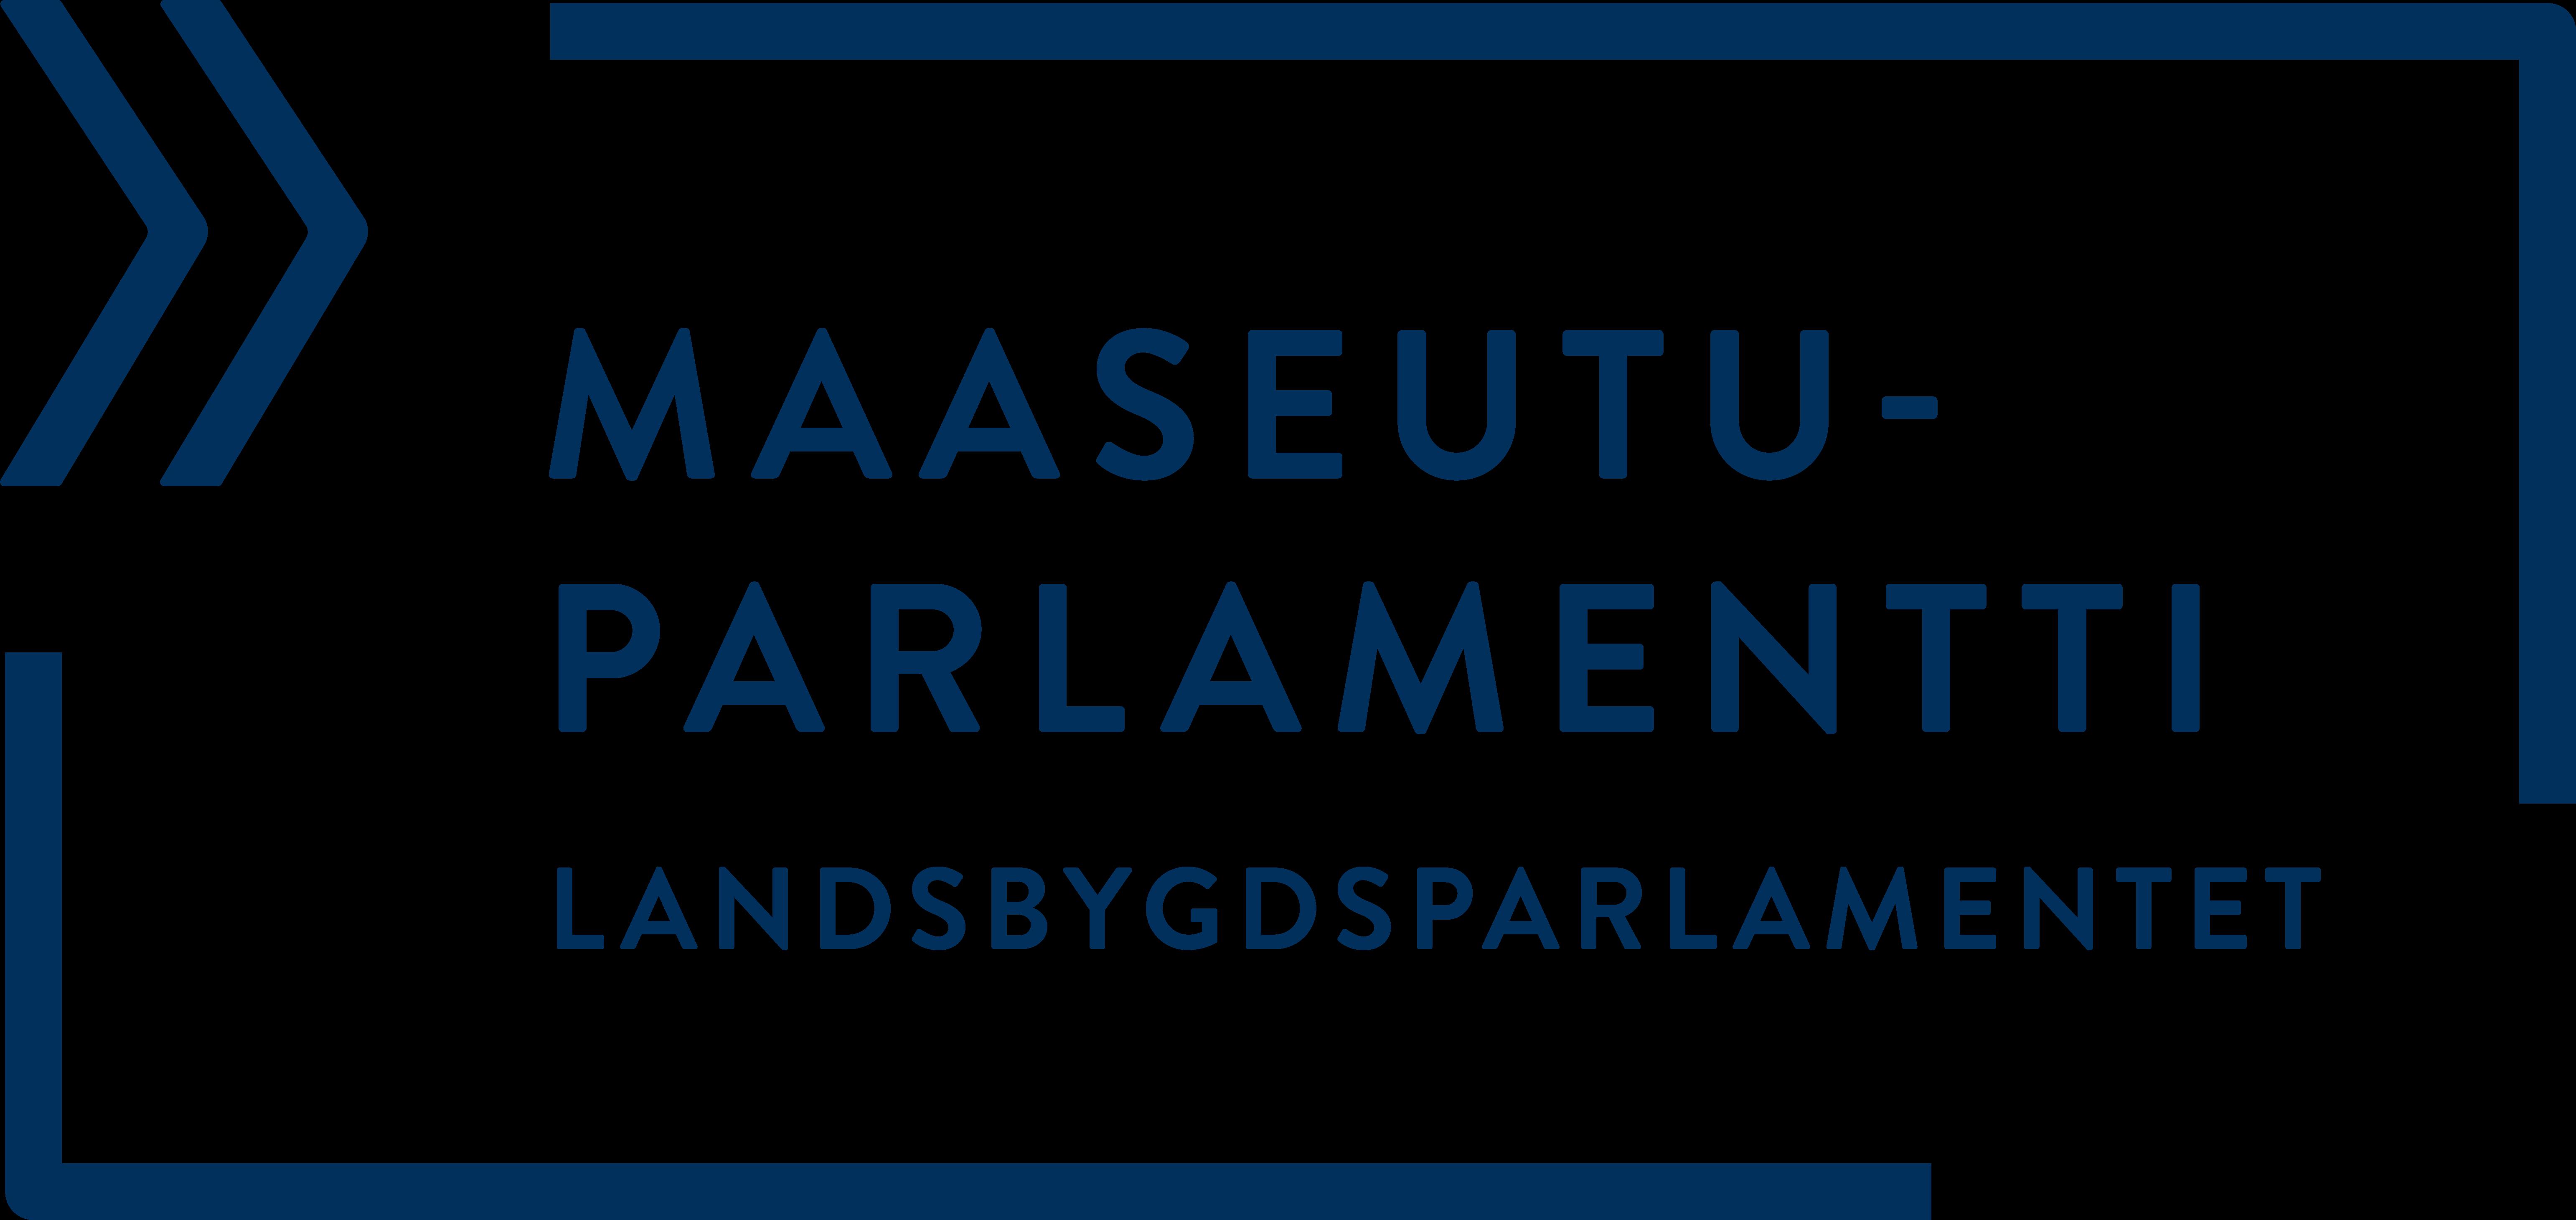 På svenska (Maaseutuparlamentti)